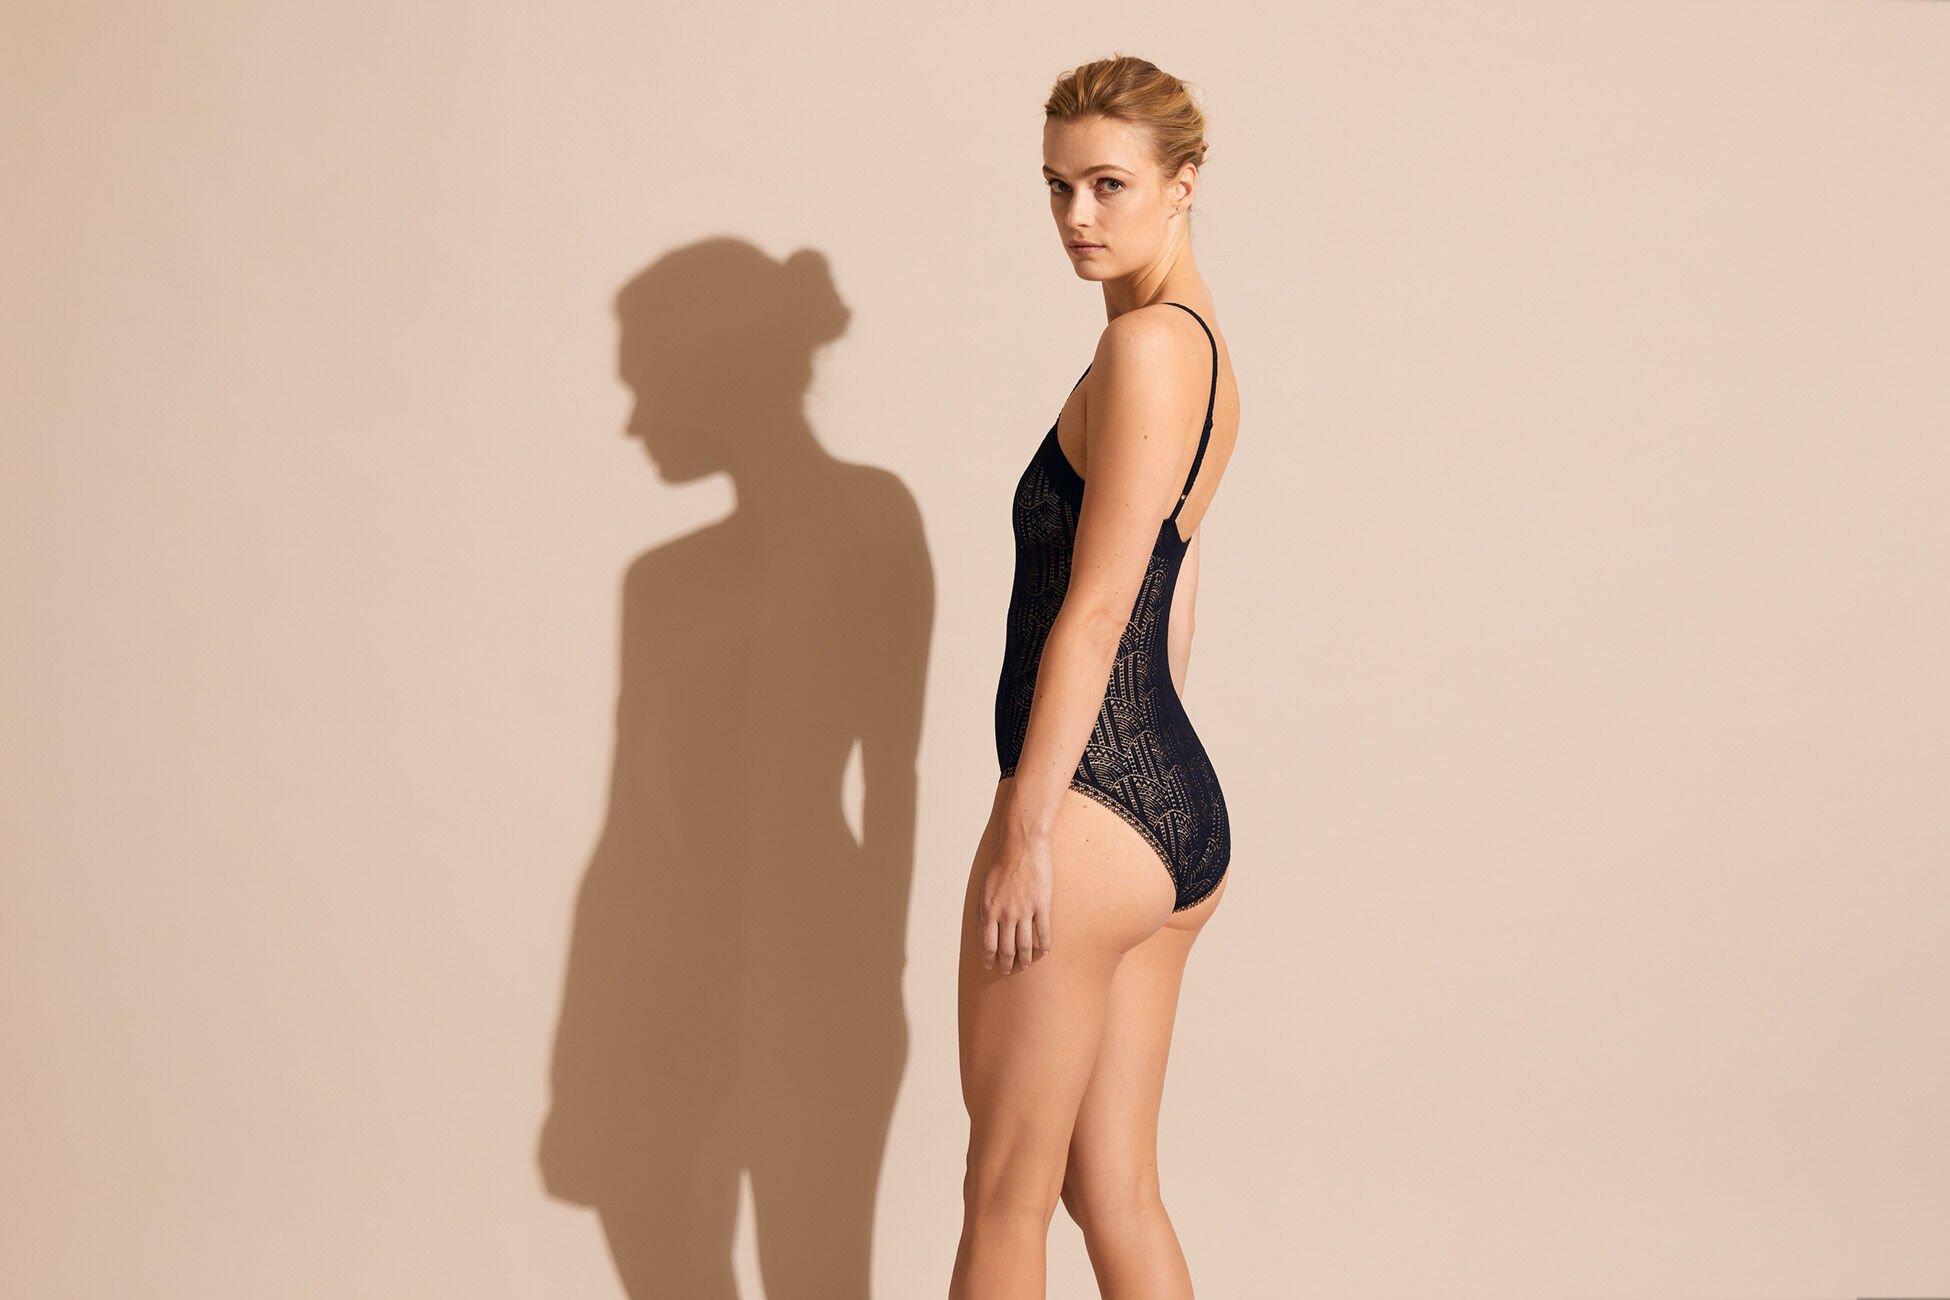 Albarello Body Vista estándar NaN